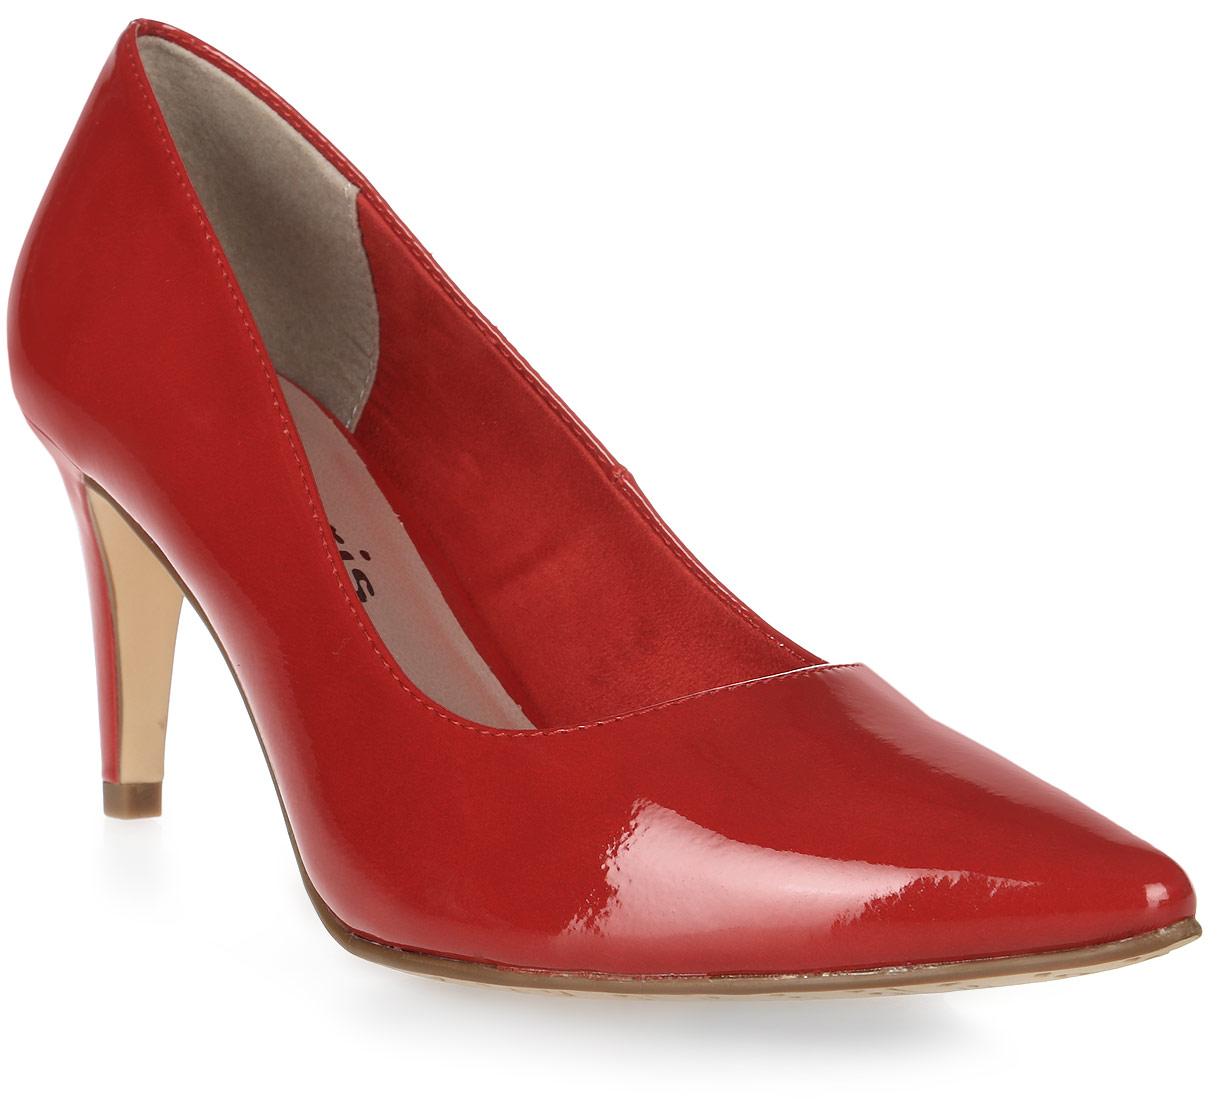 Туфли женские Tamaris, цвет: красный. 1-1-22447-28-520/229. Размер 391-1-22447-28-520/229Стильные туфли от Tamaris - незаменимая вещь в гардеробе каждой женщины. Модель с зауженным носком выполнена из искусственной лаковой кожи. Подкладка изготовлена из текстиля, стелька - из искусственной кожи. Не очень высокий каблук смотрится невероятно женственно. Роскошные туфли помогут вам создать незабываемый образ.